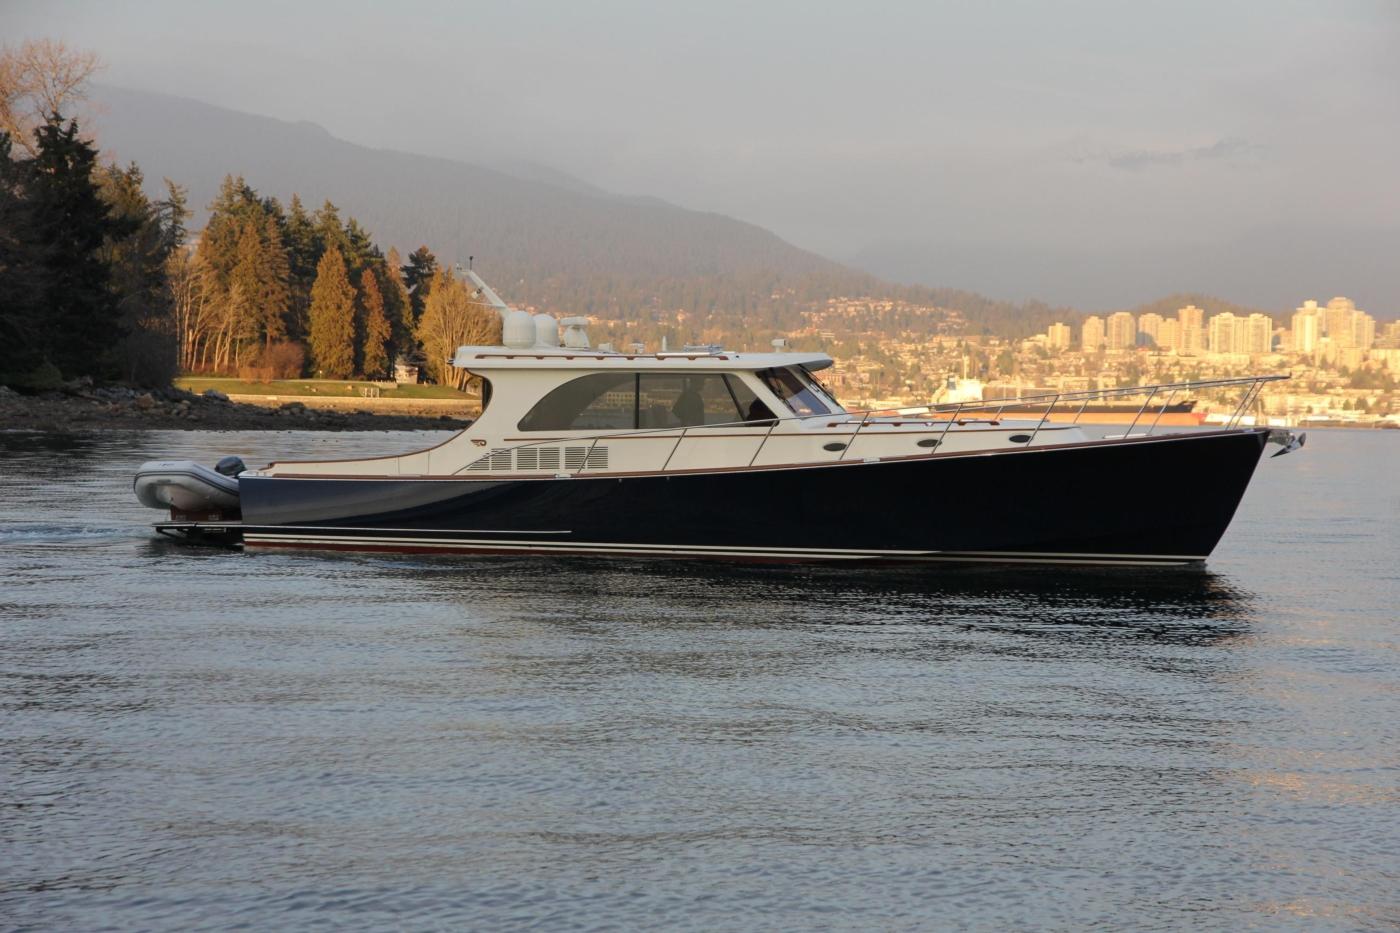 2018 Hinckley Talaria 48 MKII, Starboard profile